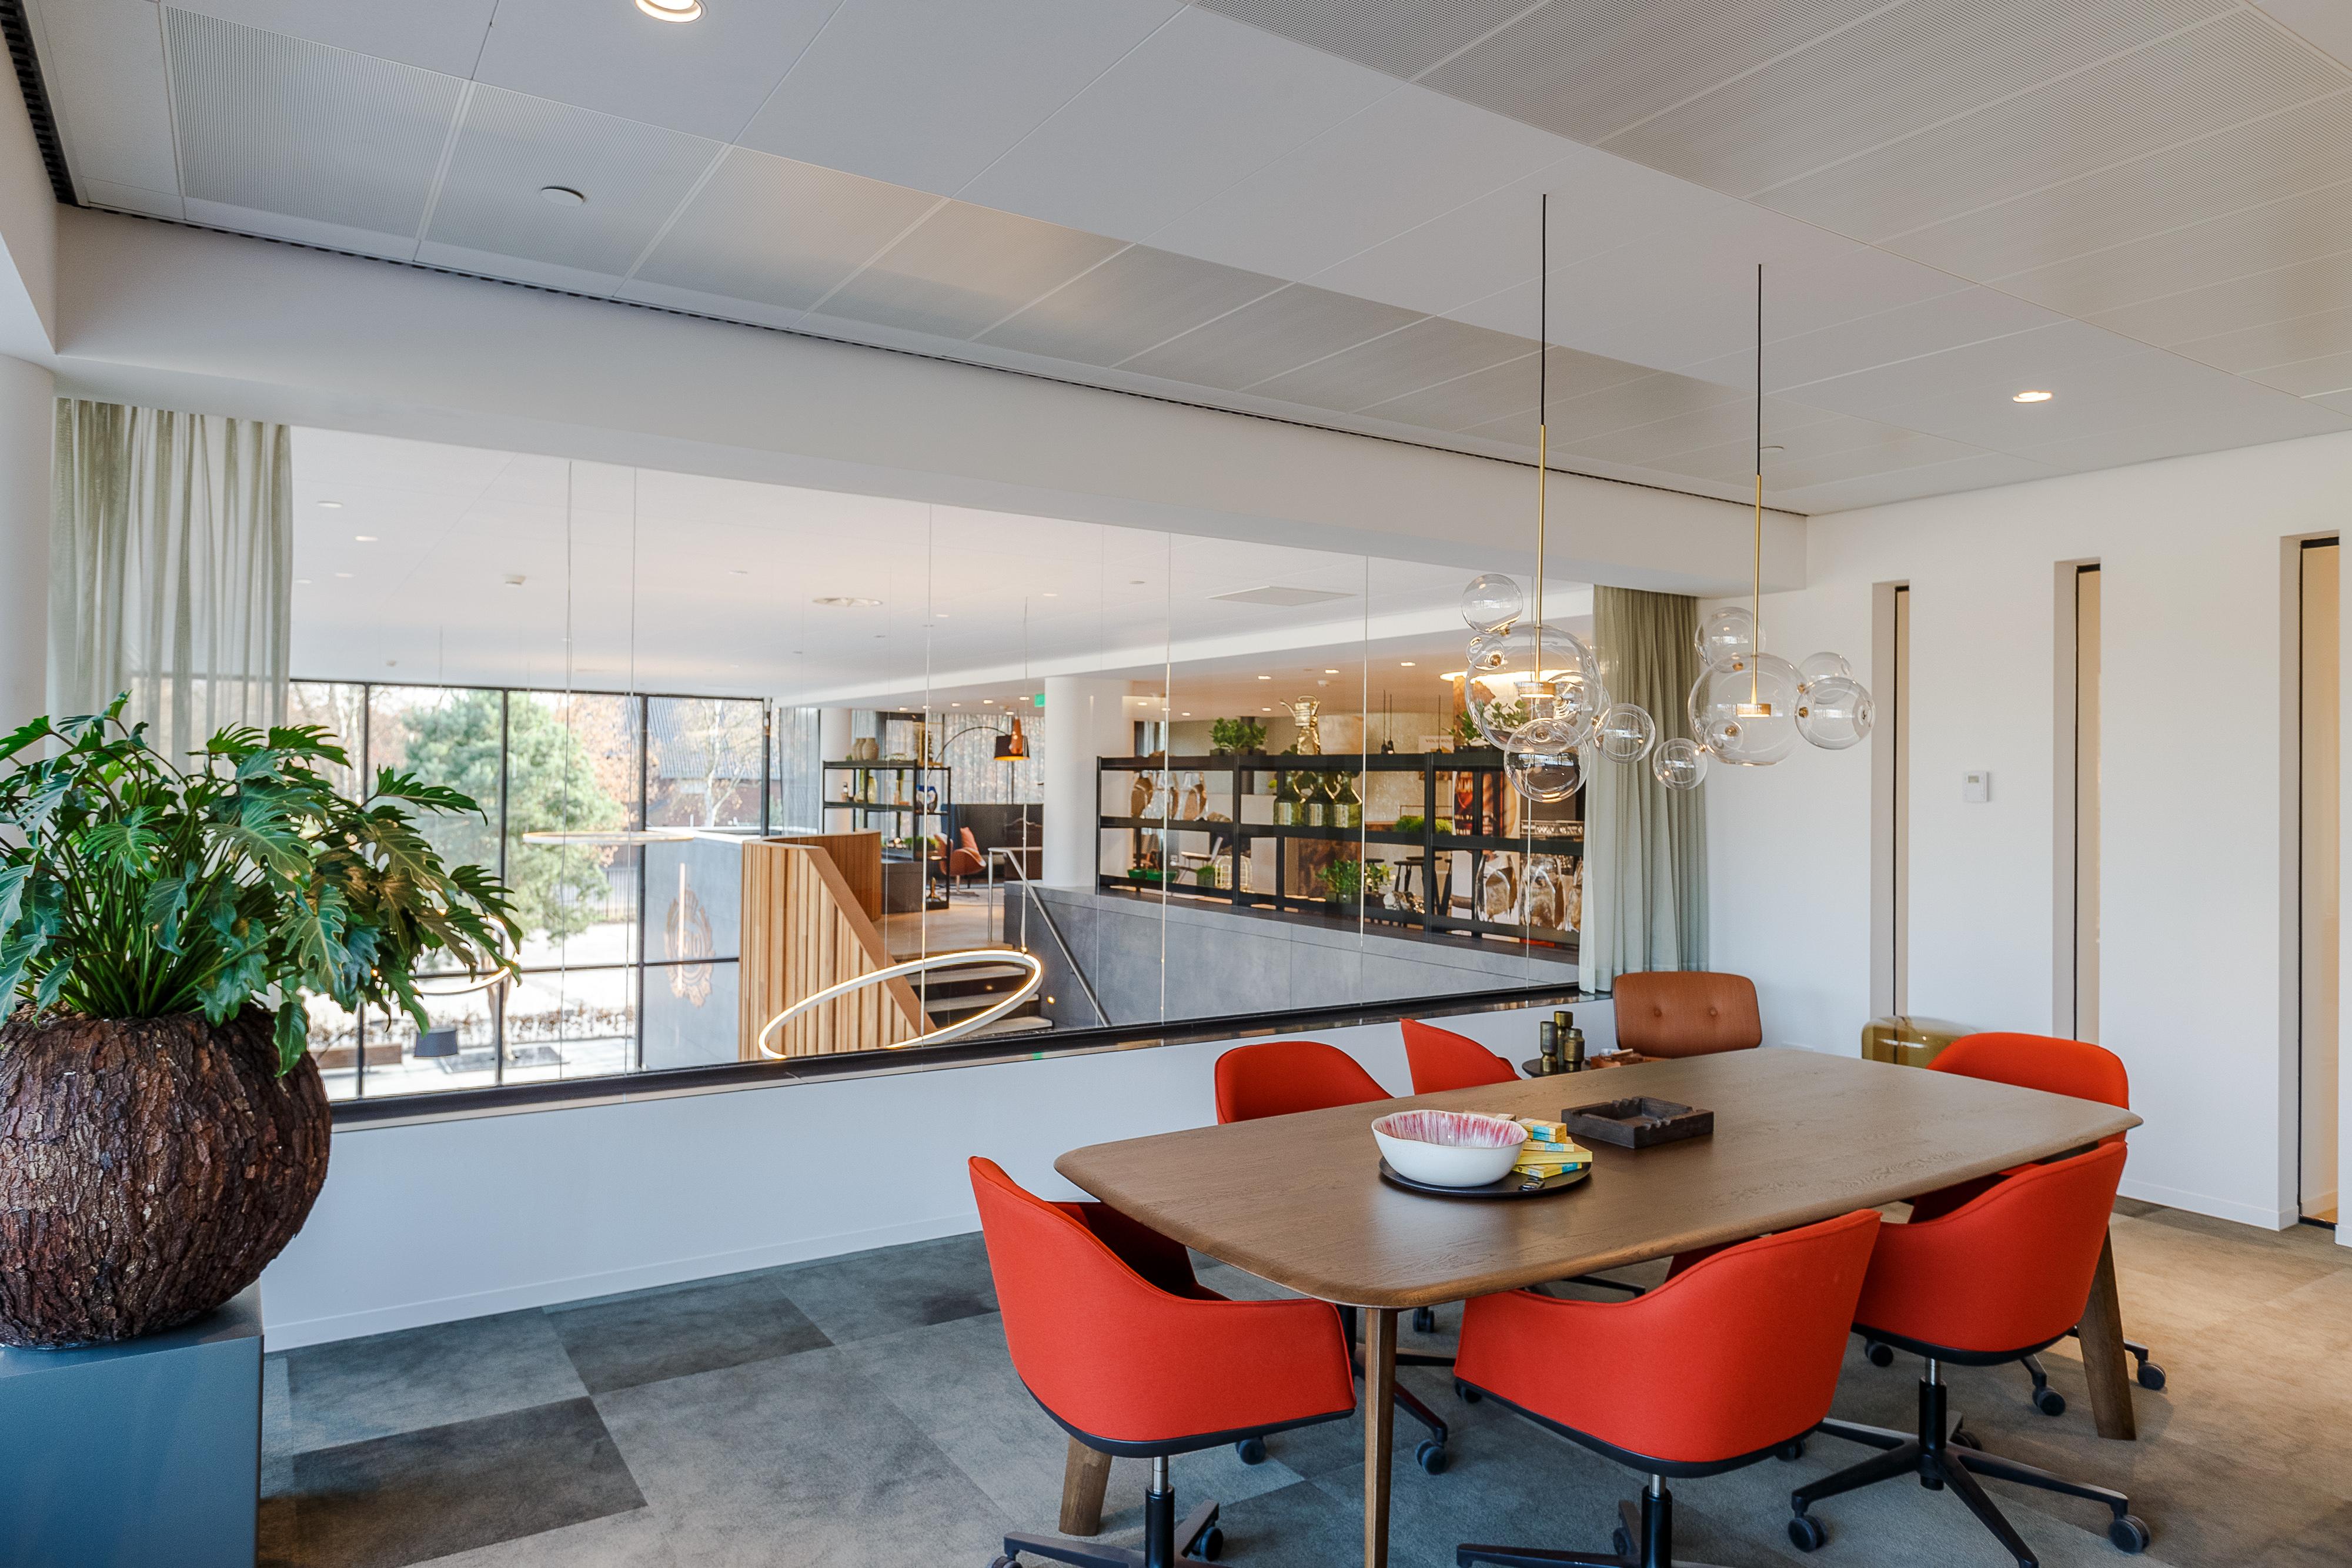 <p>kantoor met zicht op centrale hal, foto Tycho's Eye Photography</p>